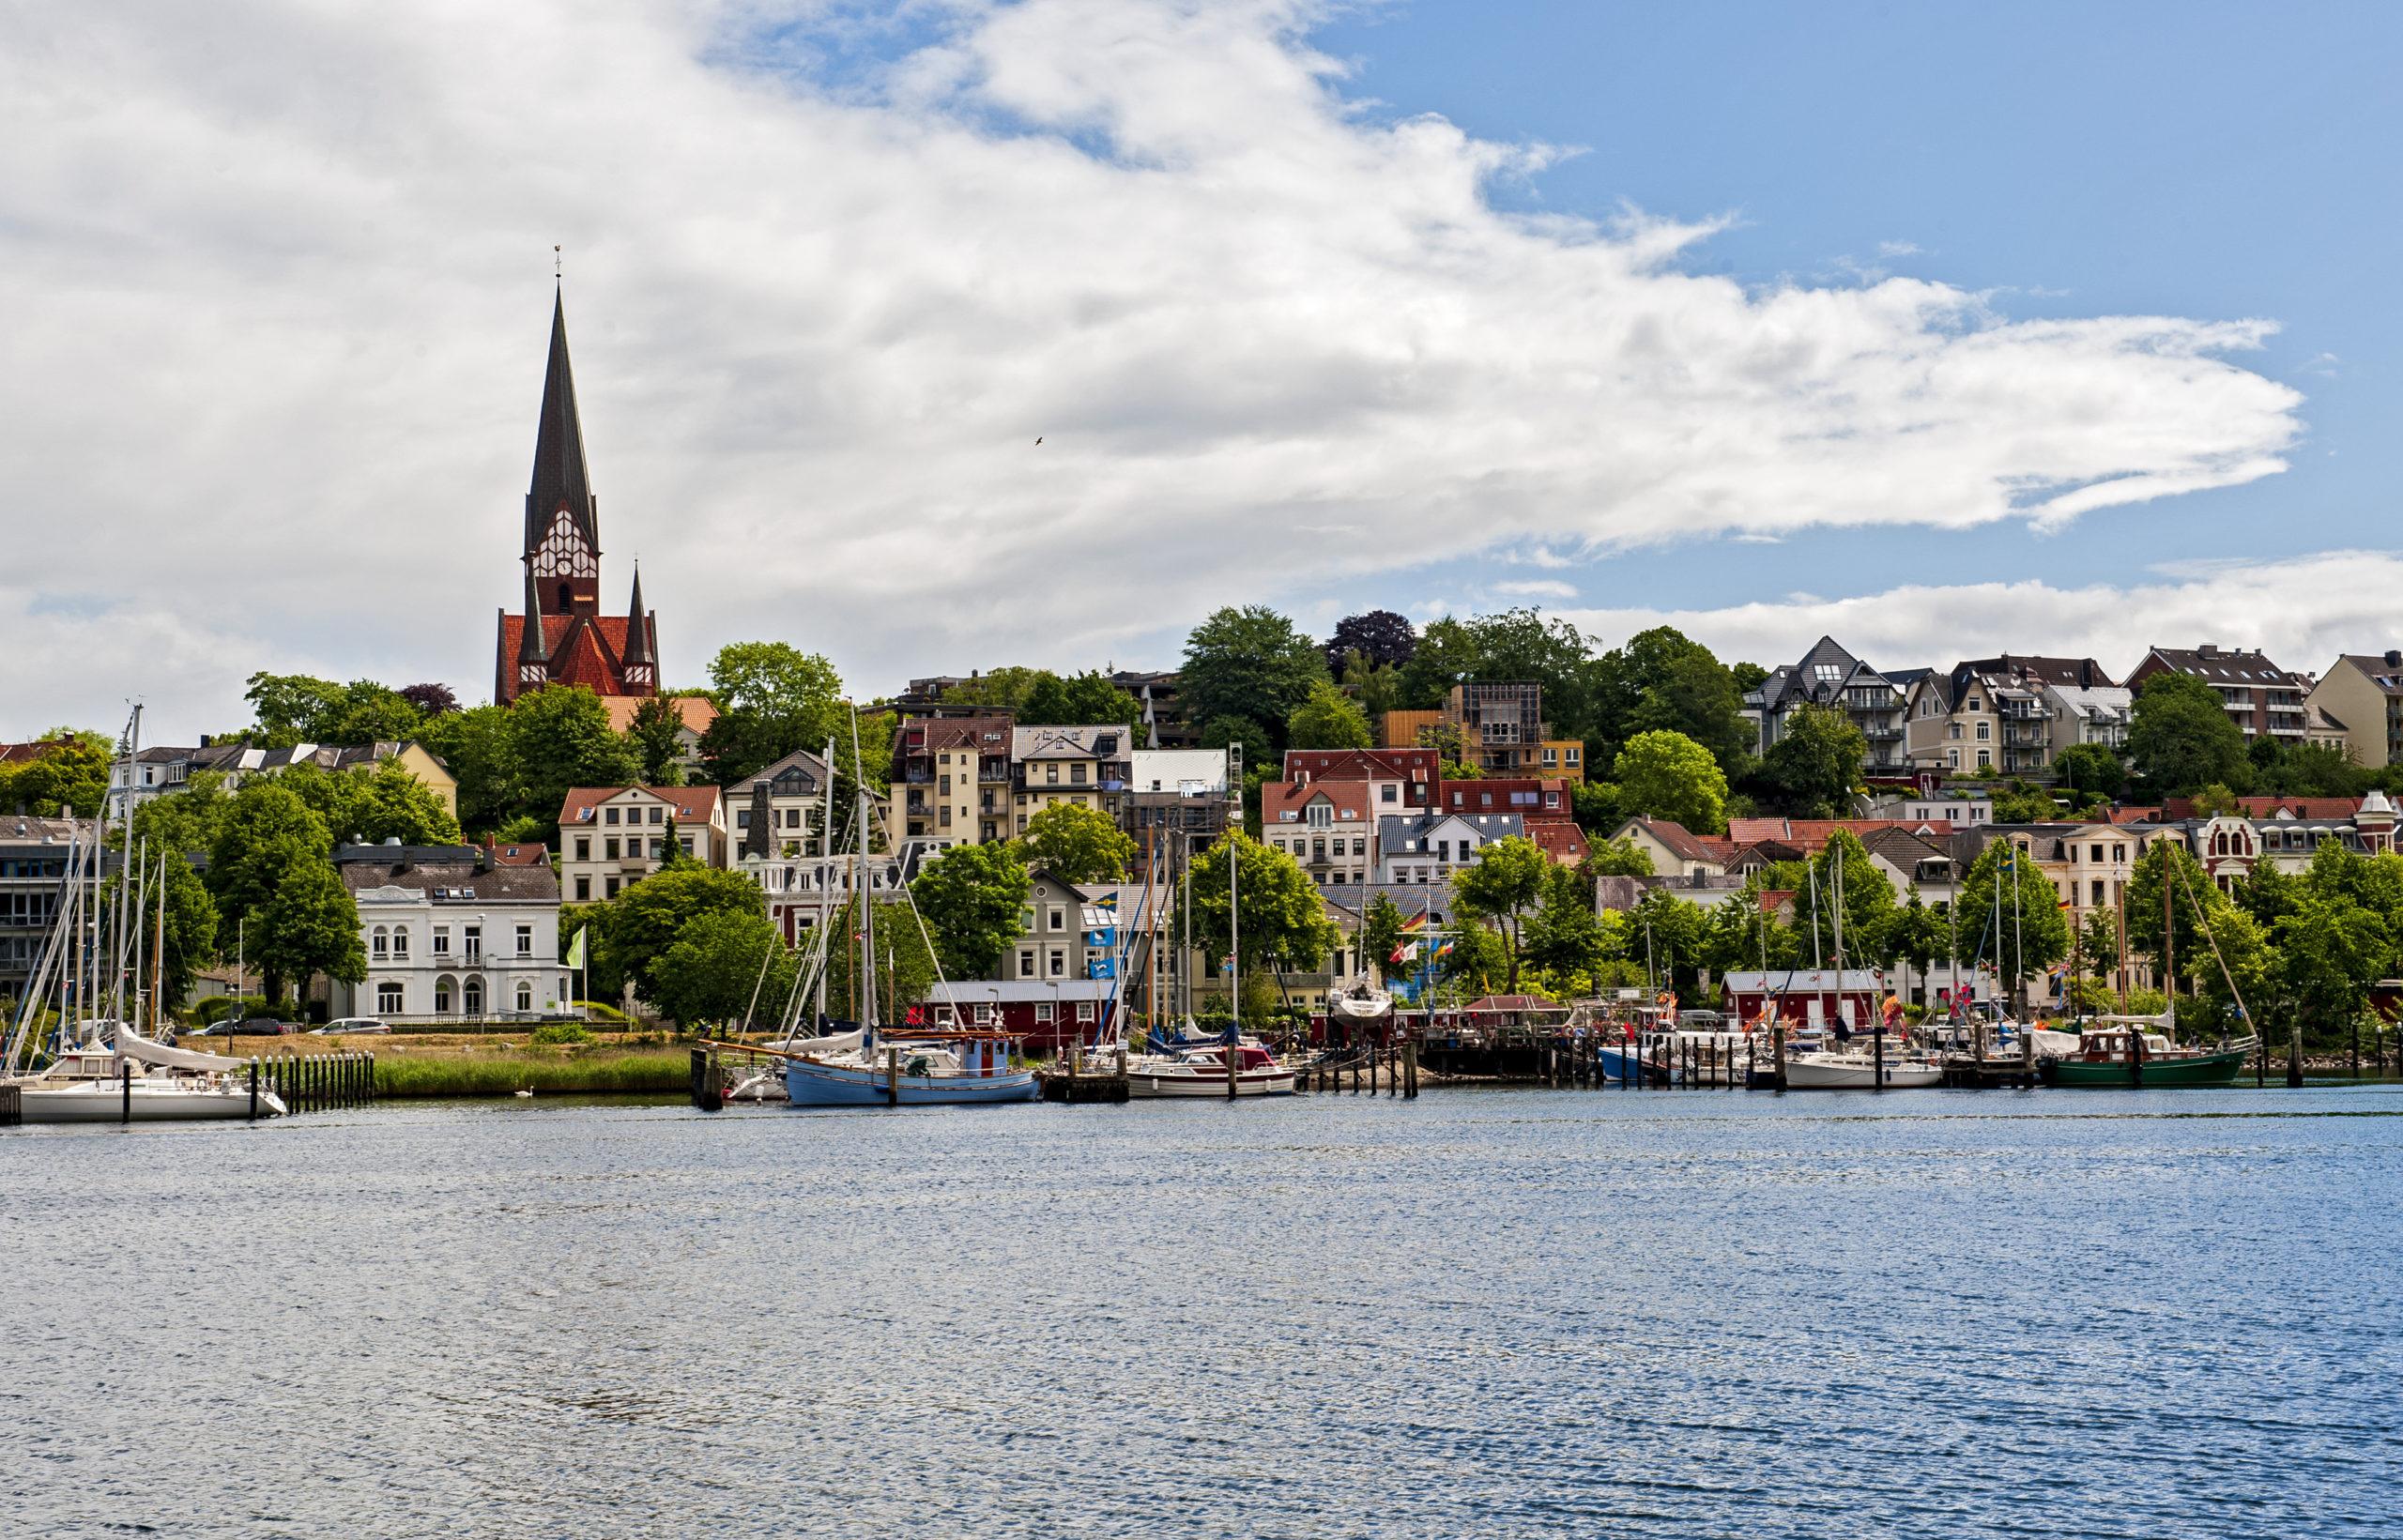 Sommerurlaub Norddeutschland: Flensburger Förde mit Blick auf St. Jürgen Kirche